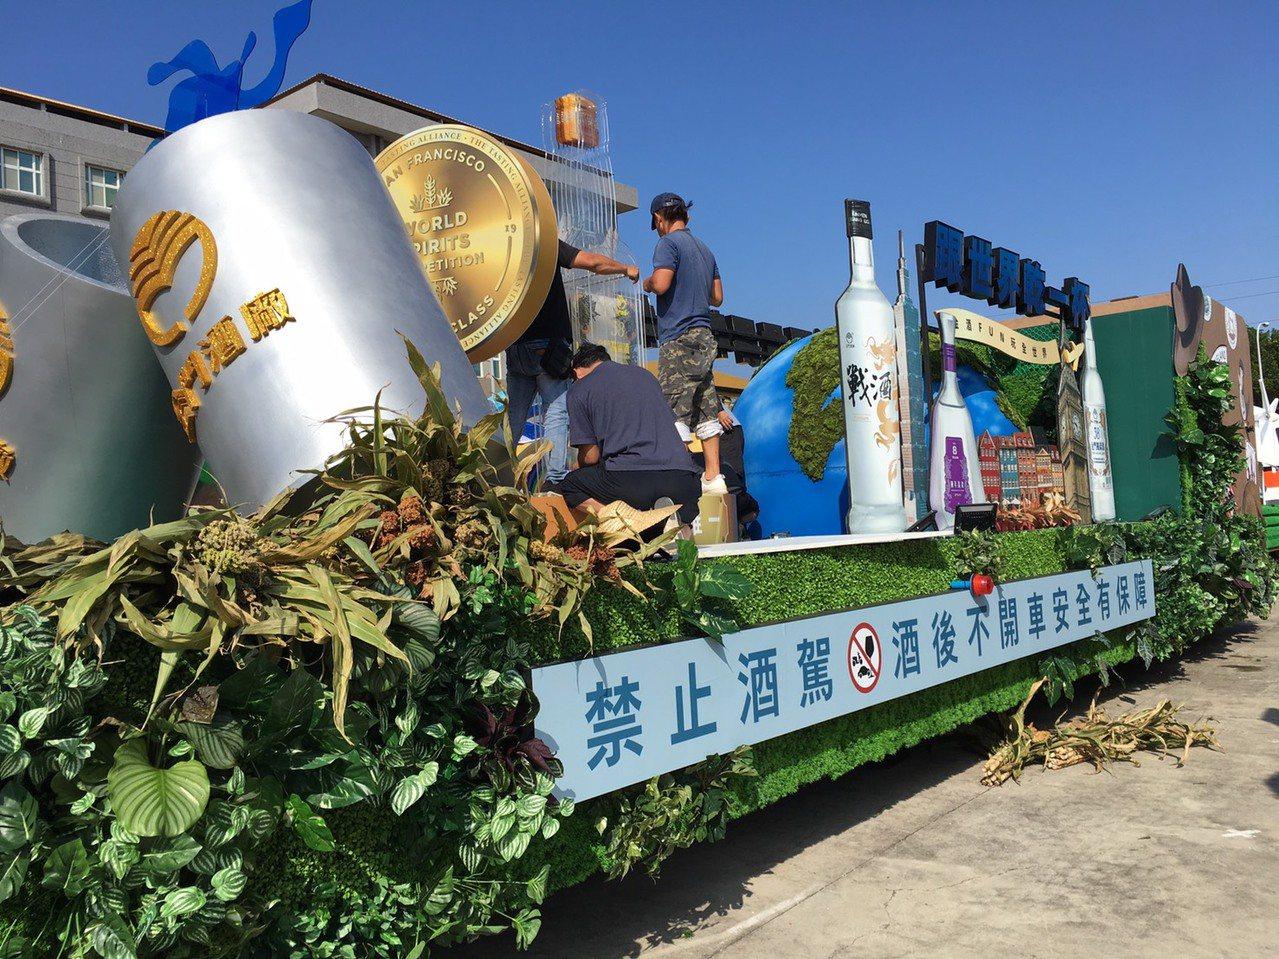 金門酒廠花車沒有花海,反而用高粱裝飾,非常有特色。記者吳姿賢/攝影